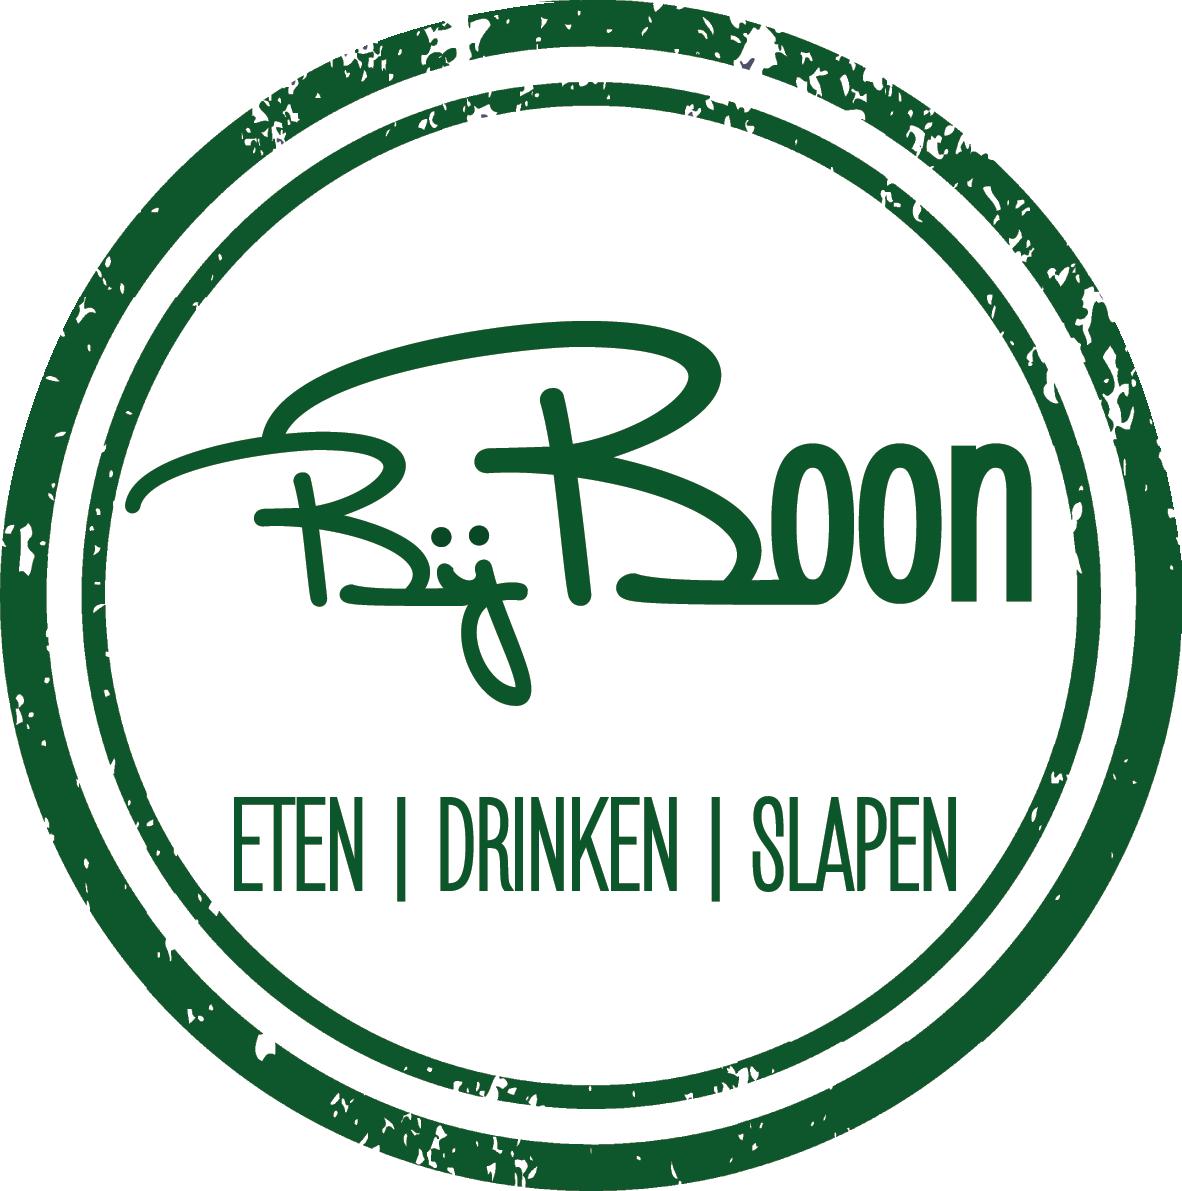 Bij Boon